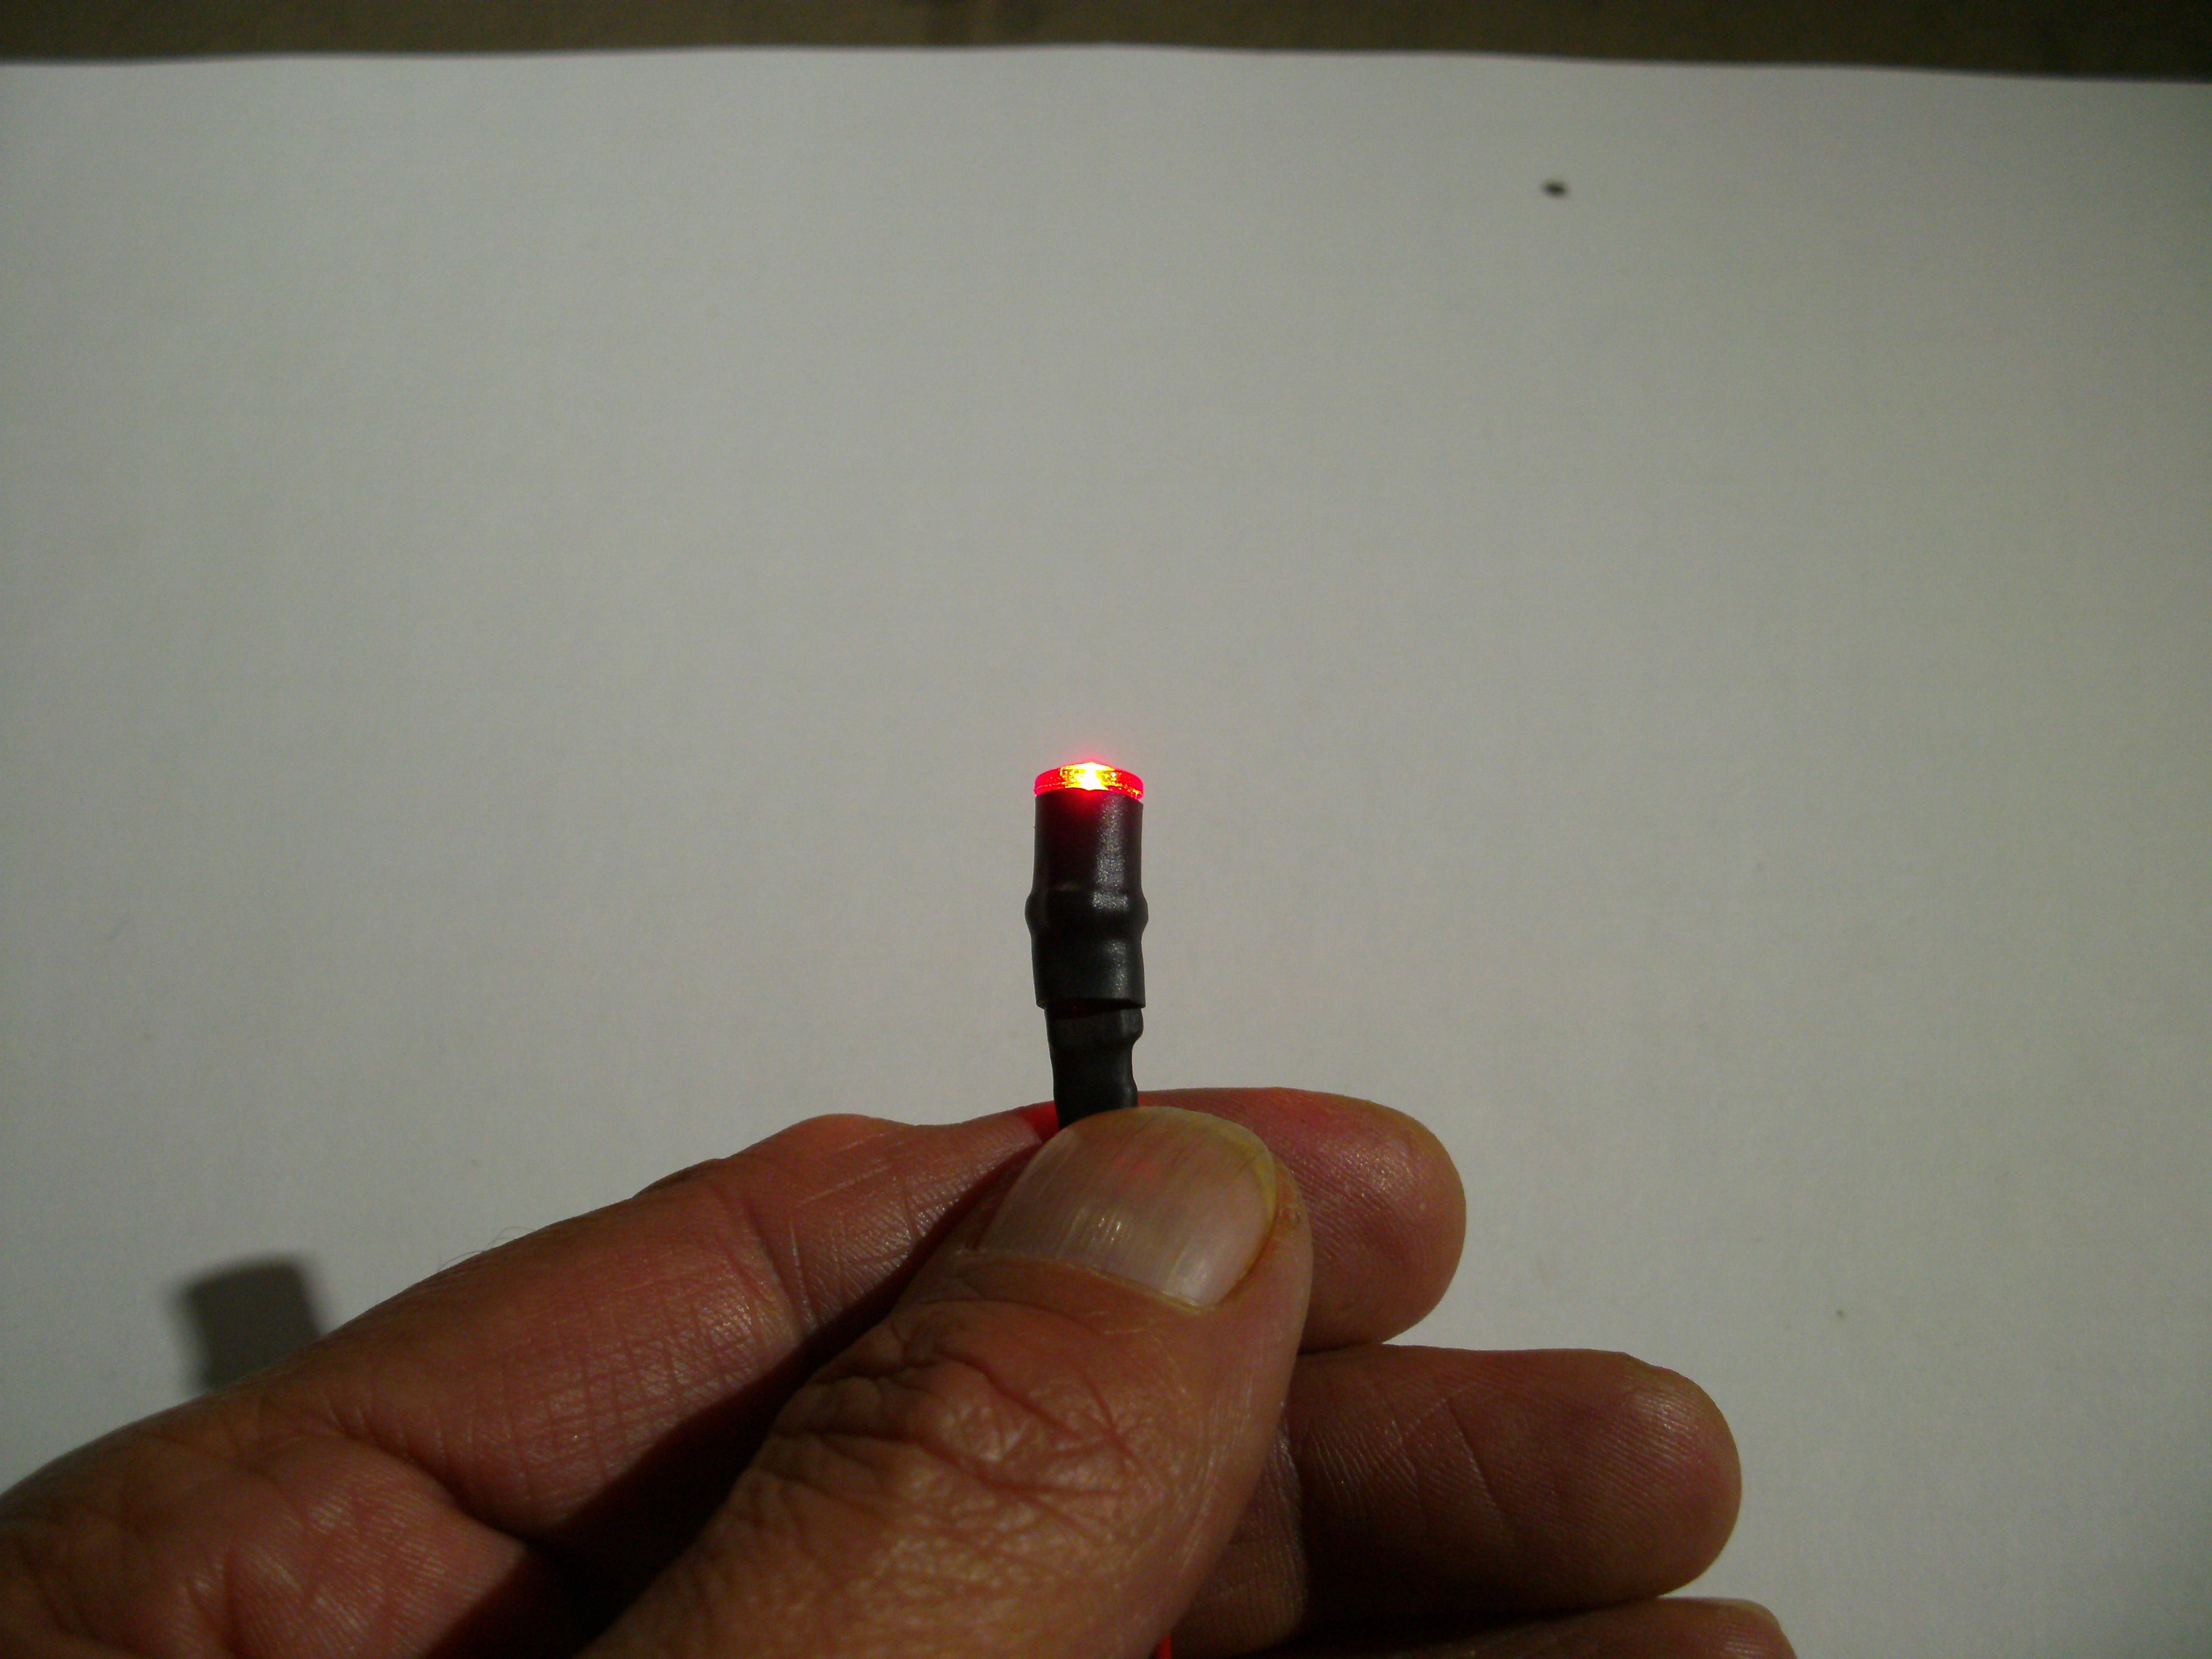 Scheinwerfer lampe rund d 7 1 mm mit led u kabel mit for Lampe 5 kabel